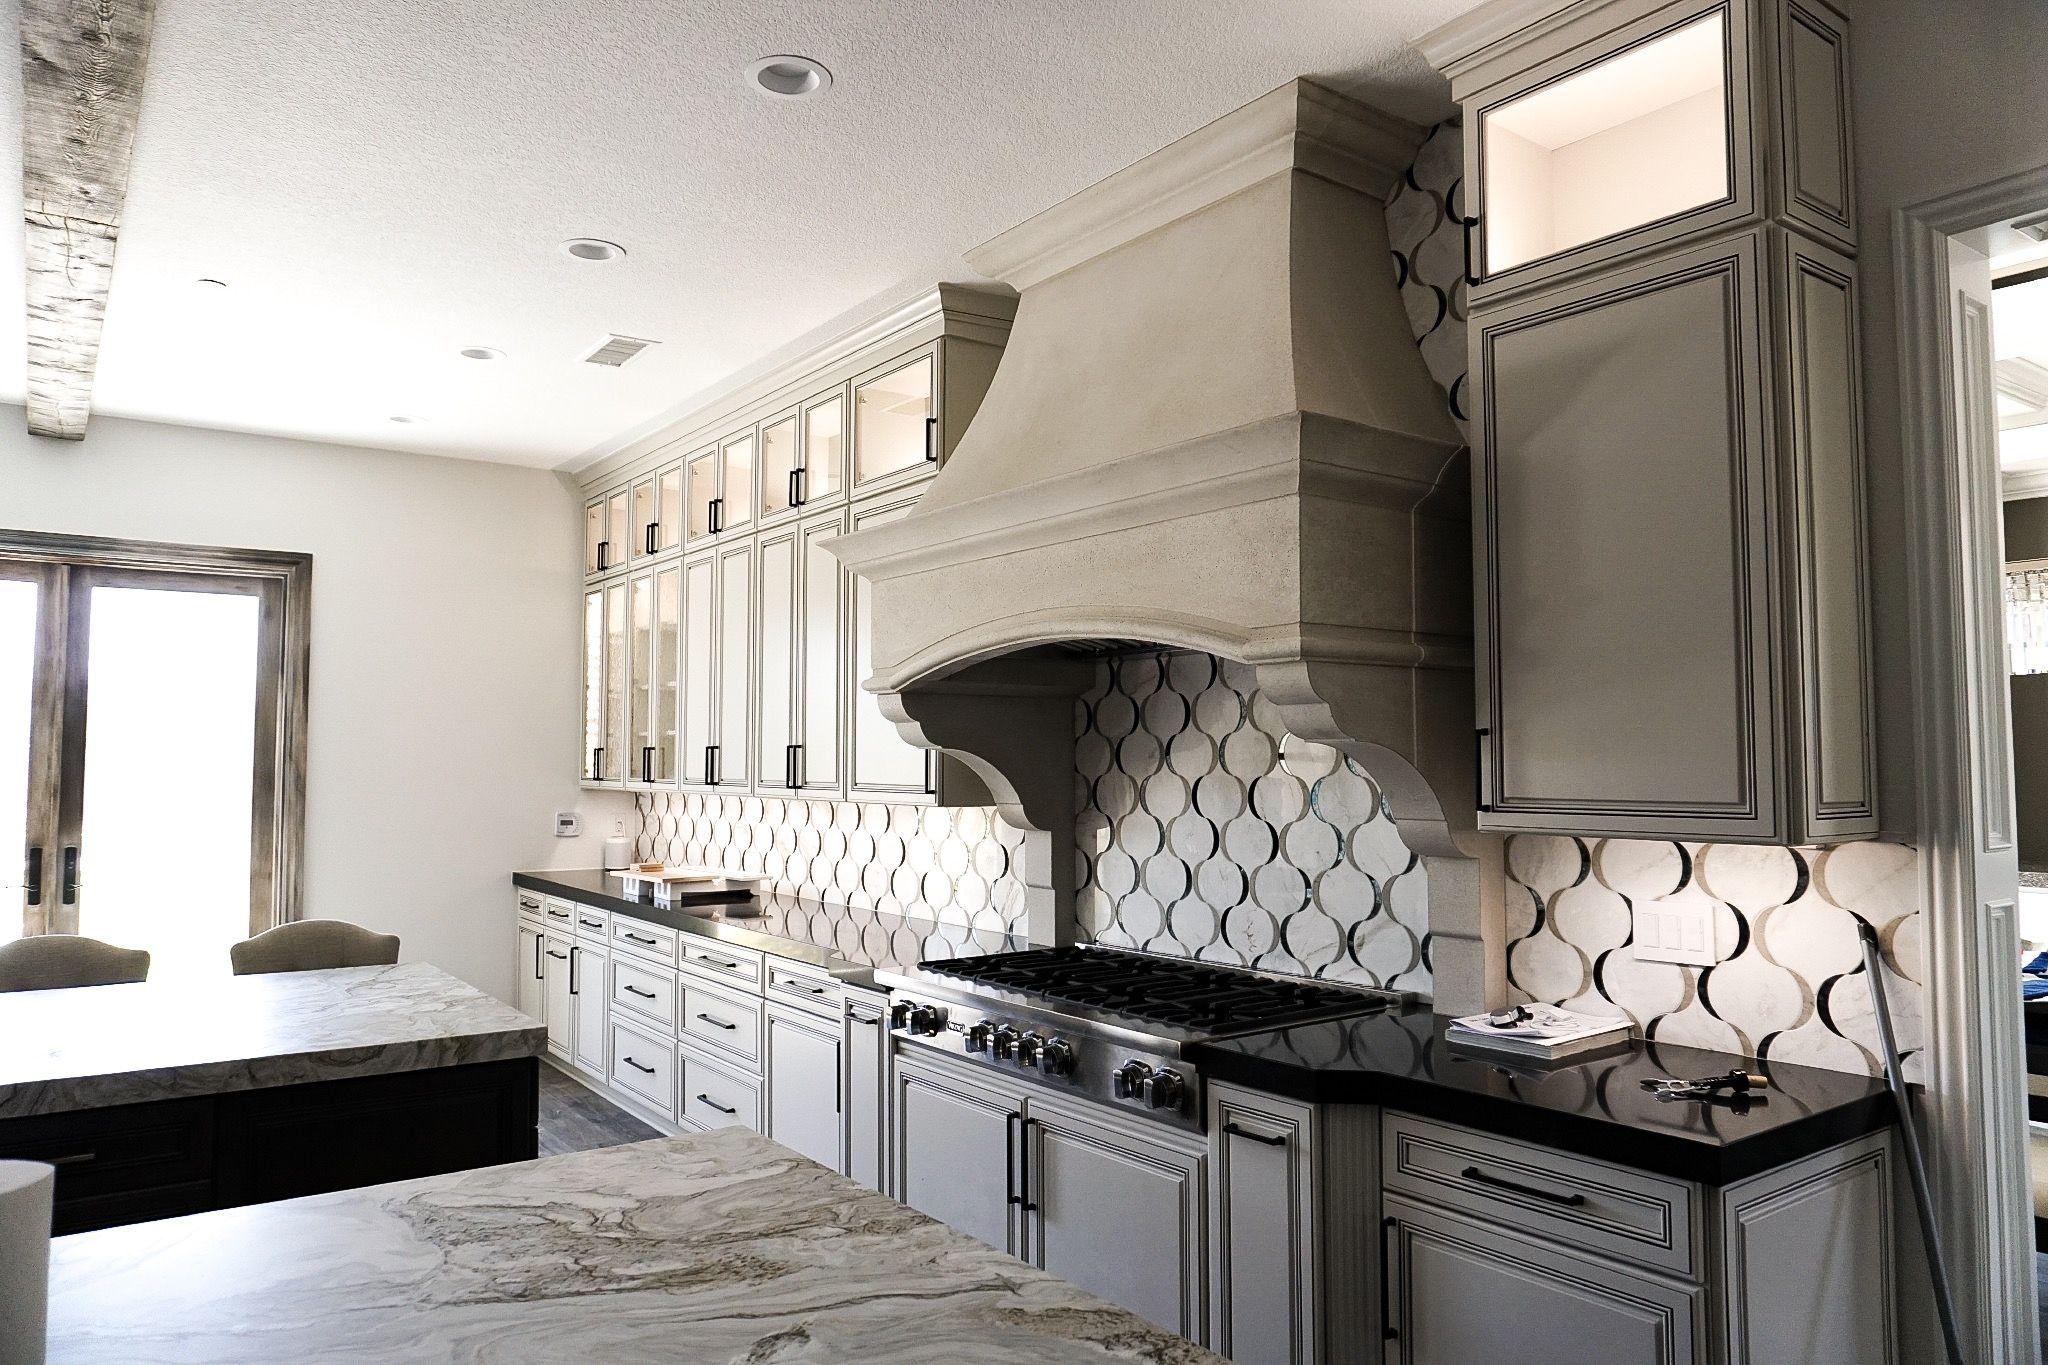 Stunning Kitchen Design- Kitchen Ideas- Kitchen Backsplash- Kitchen Islands- Custom